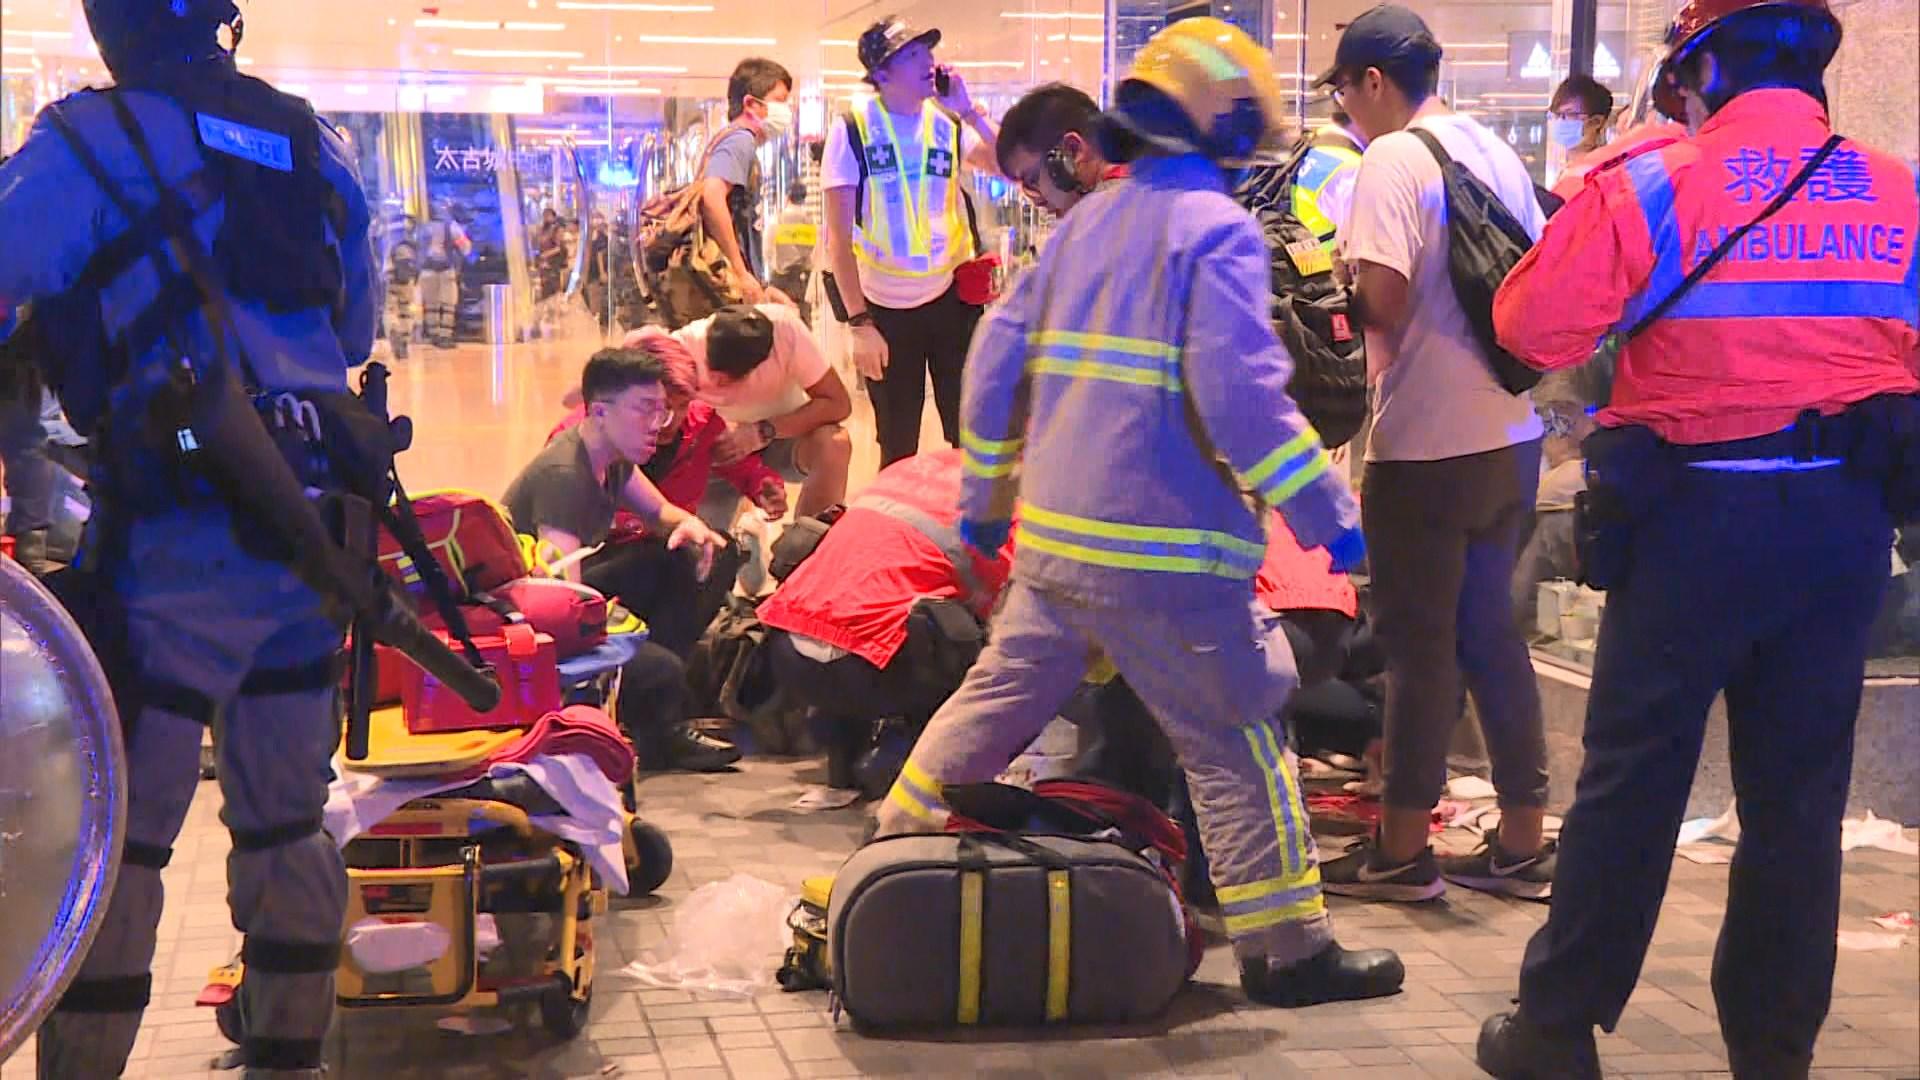 周日反修例衝突事件共9名傷者須送院